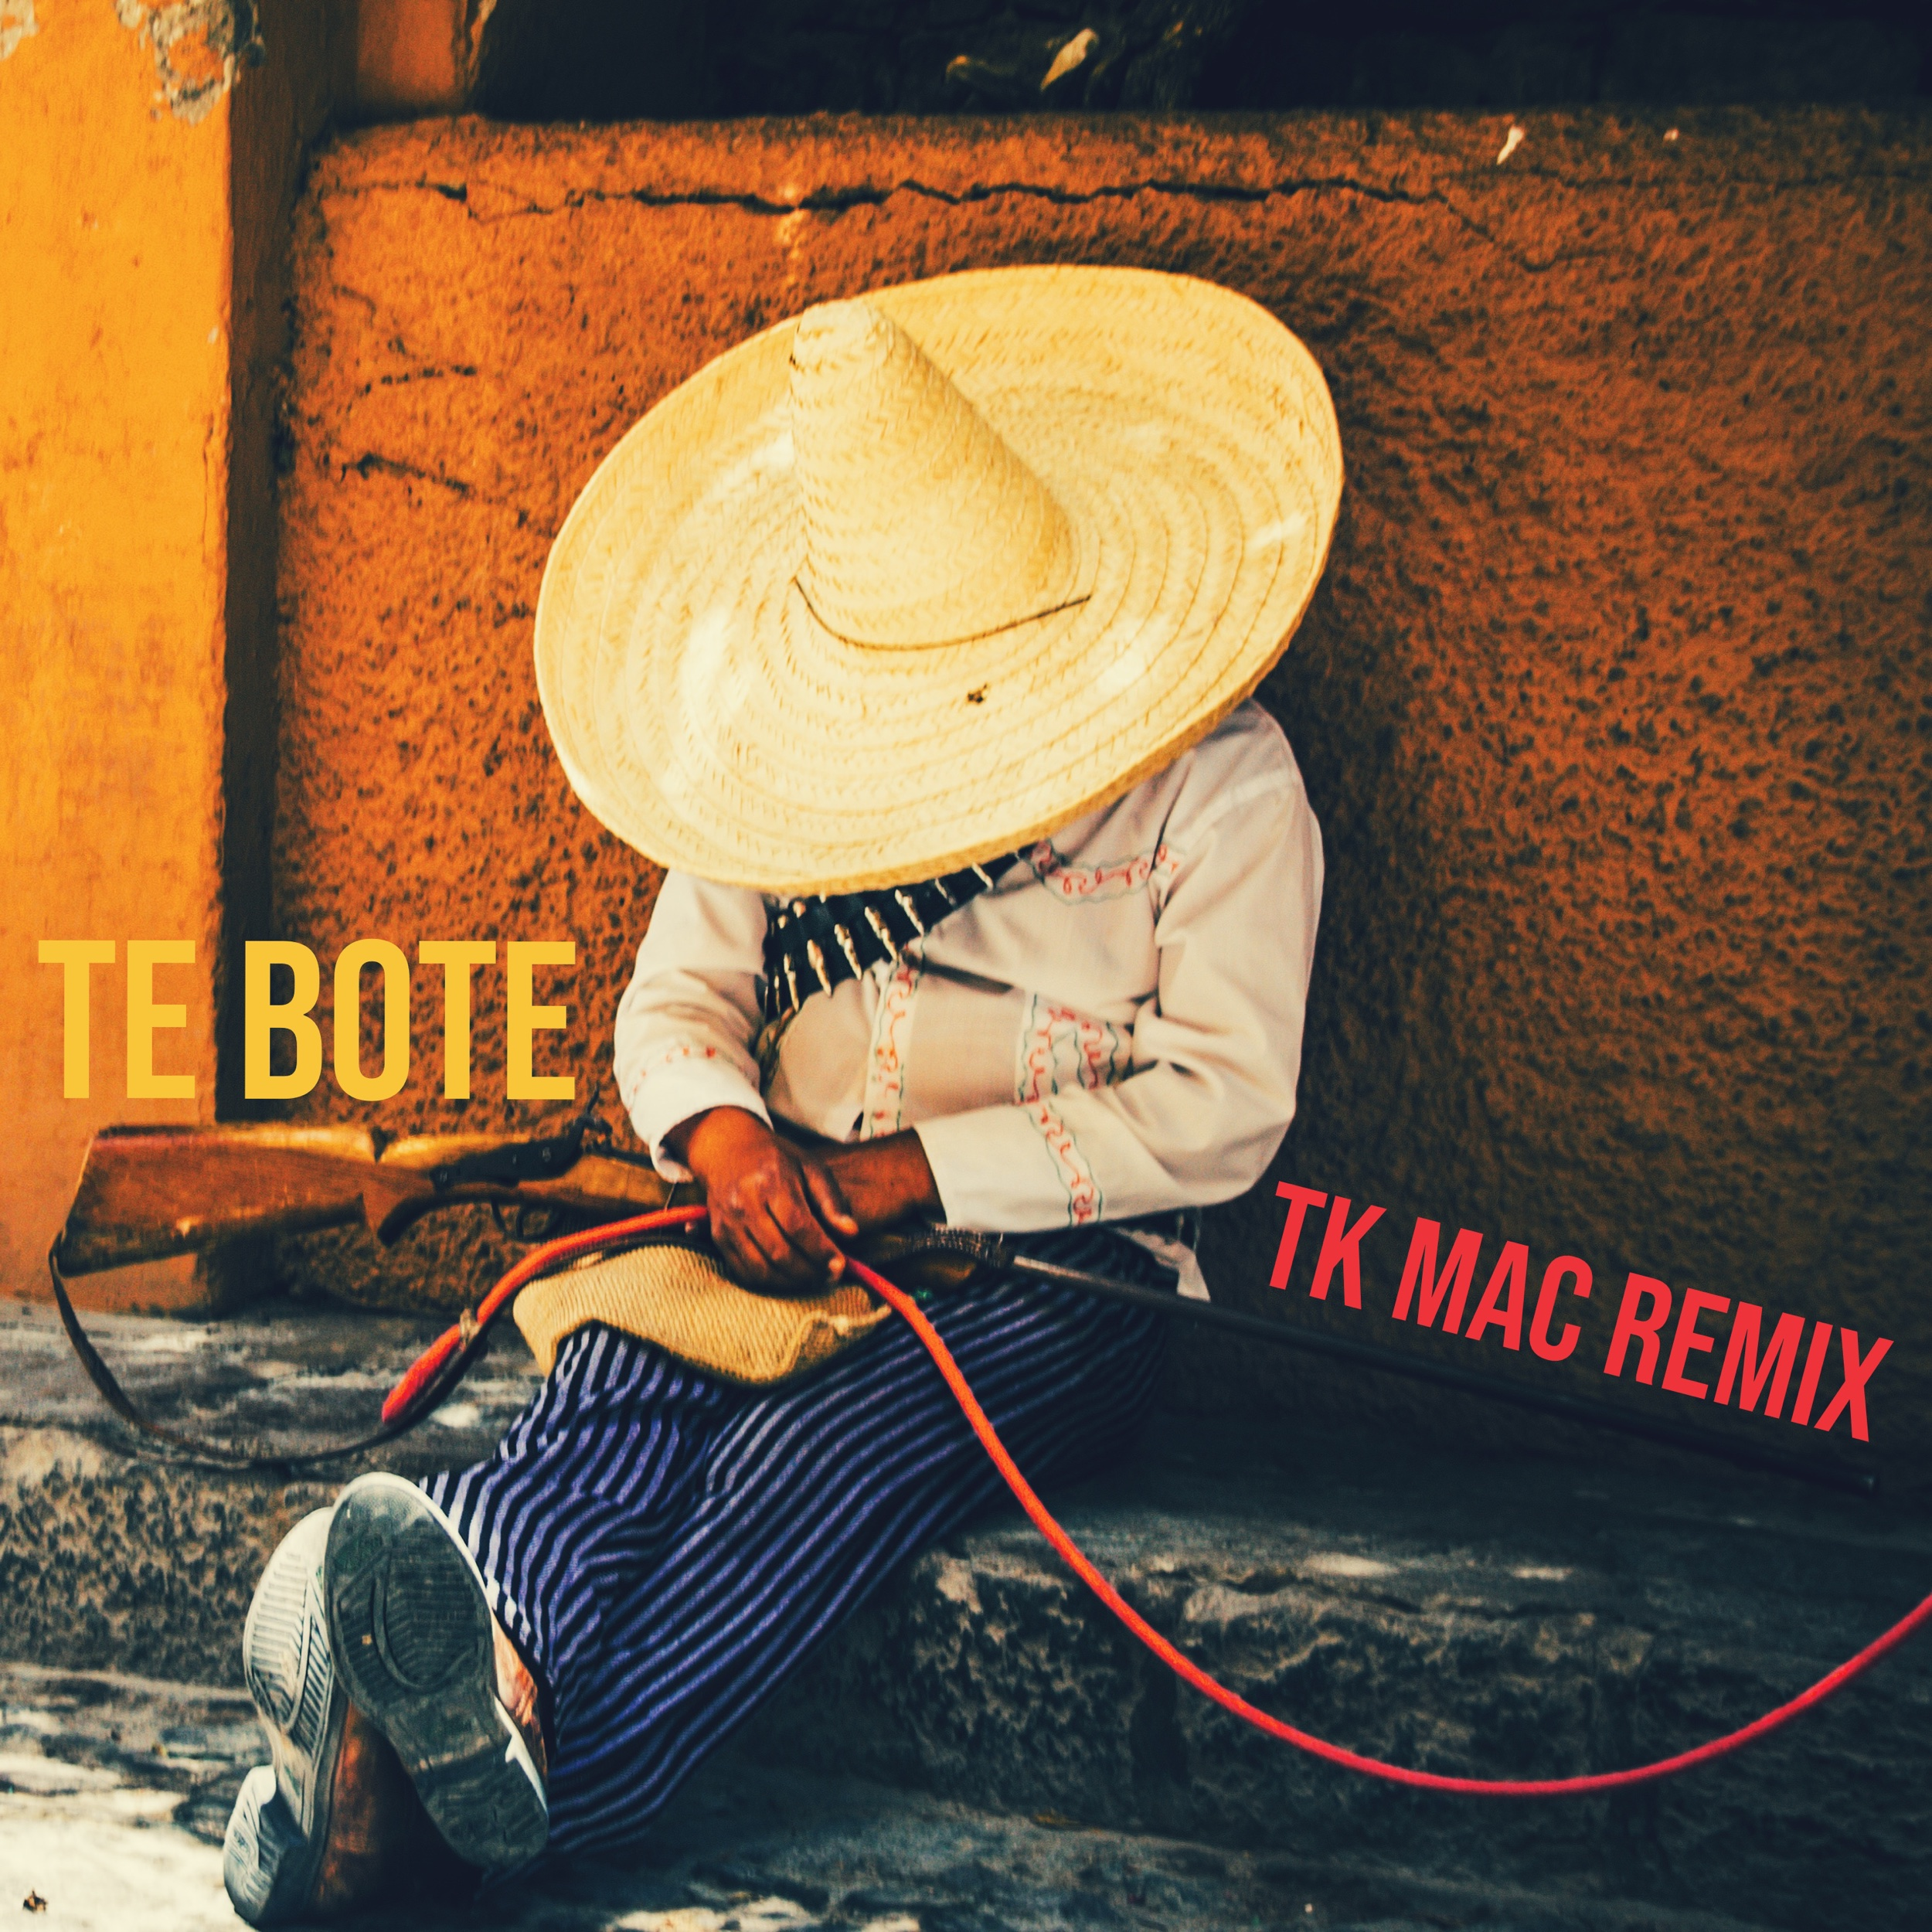 TE BOTE - TK MAC REMIX